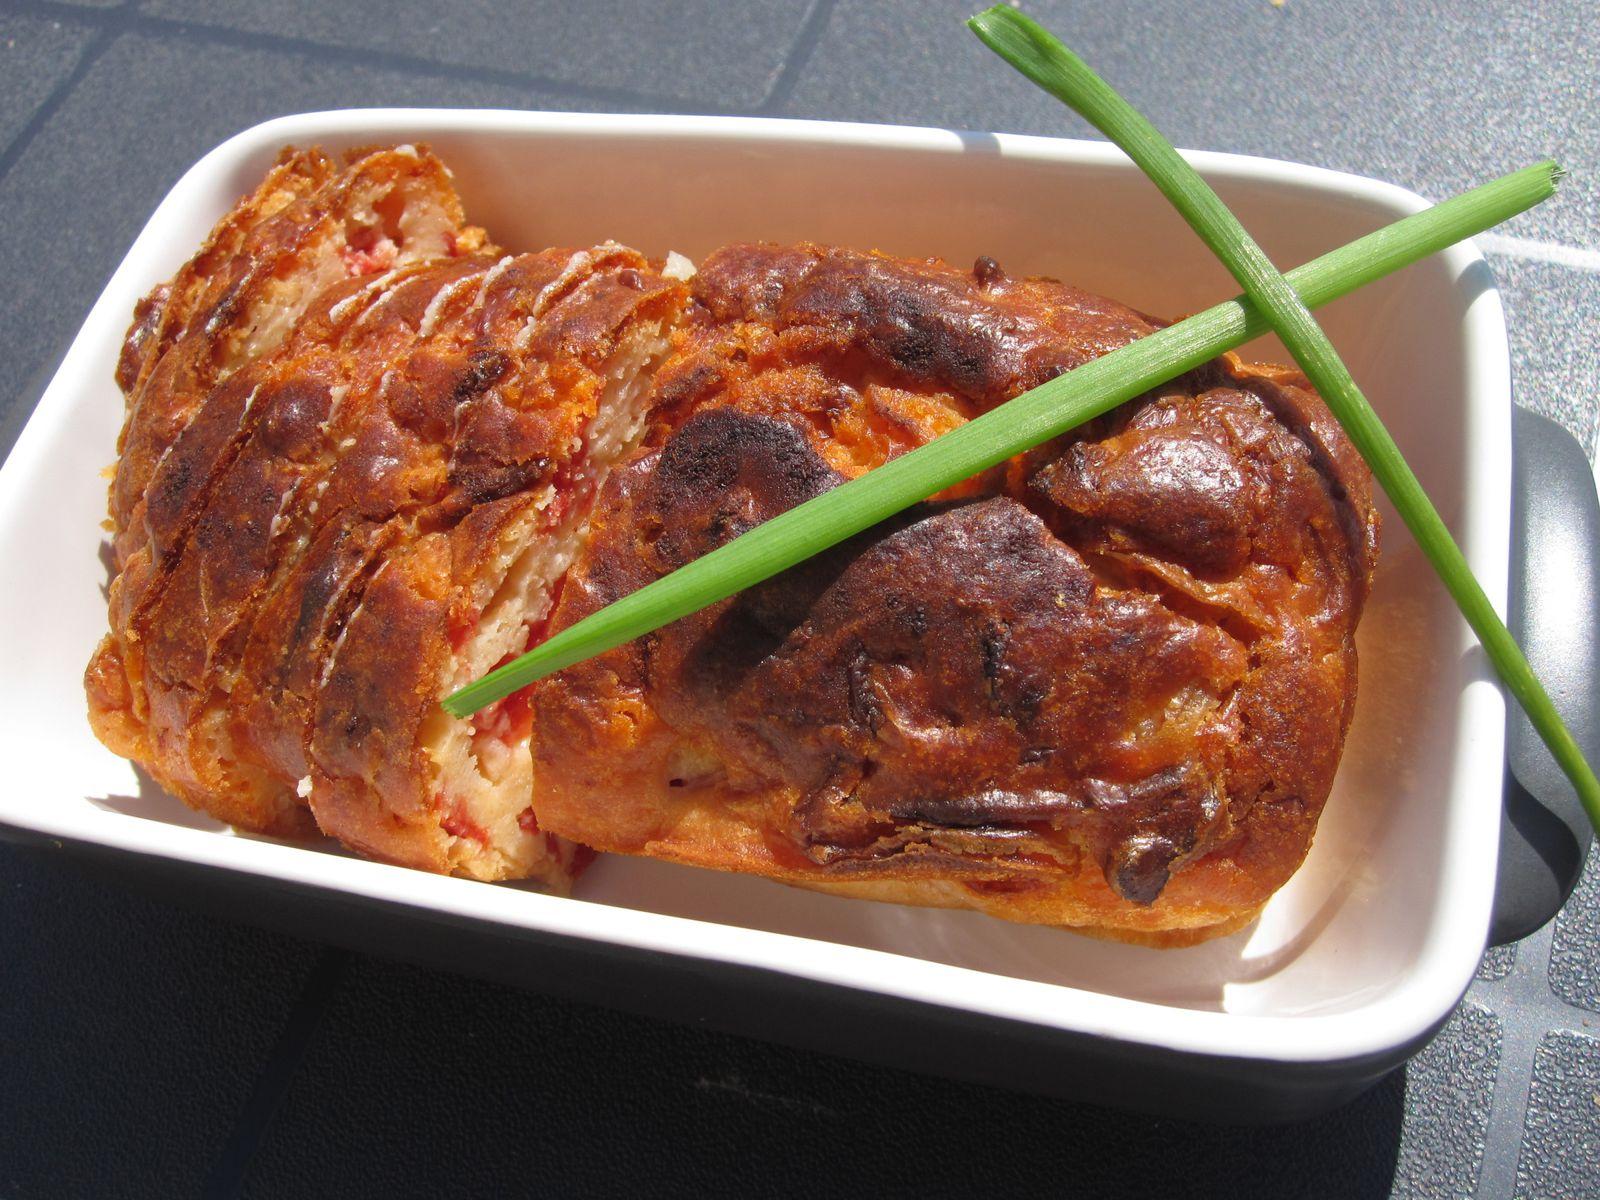 Celui-ci est le cake chèvre frais, tomates, oignons et persil poêlés...